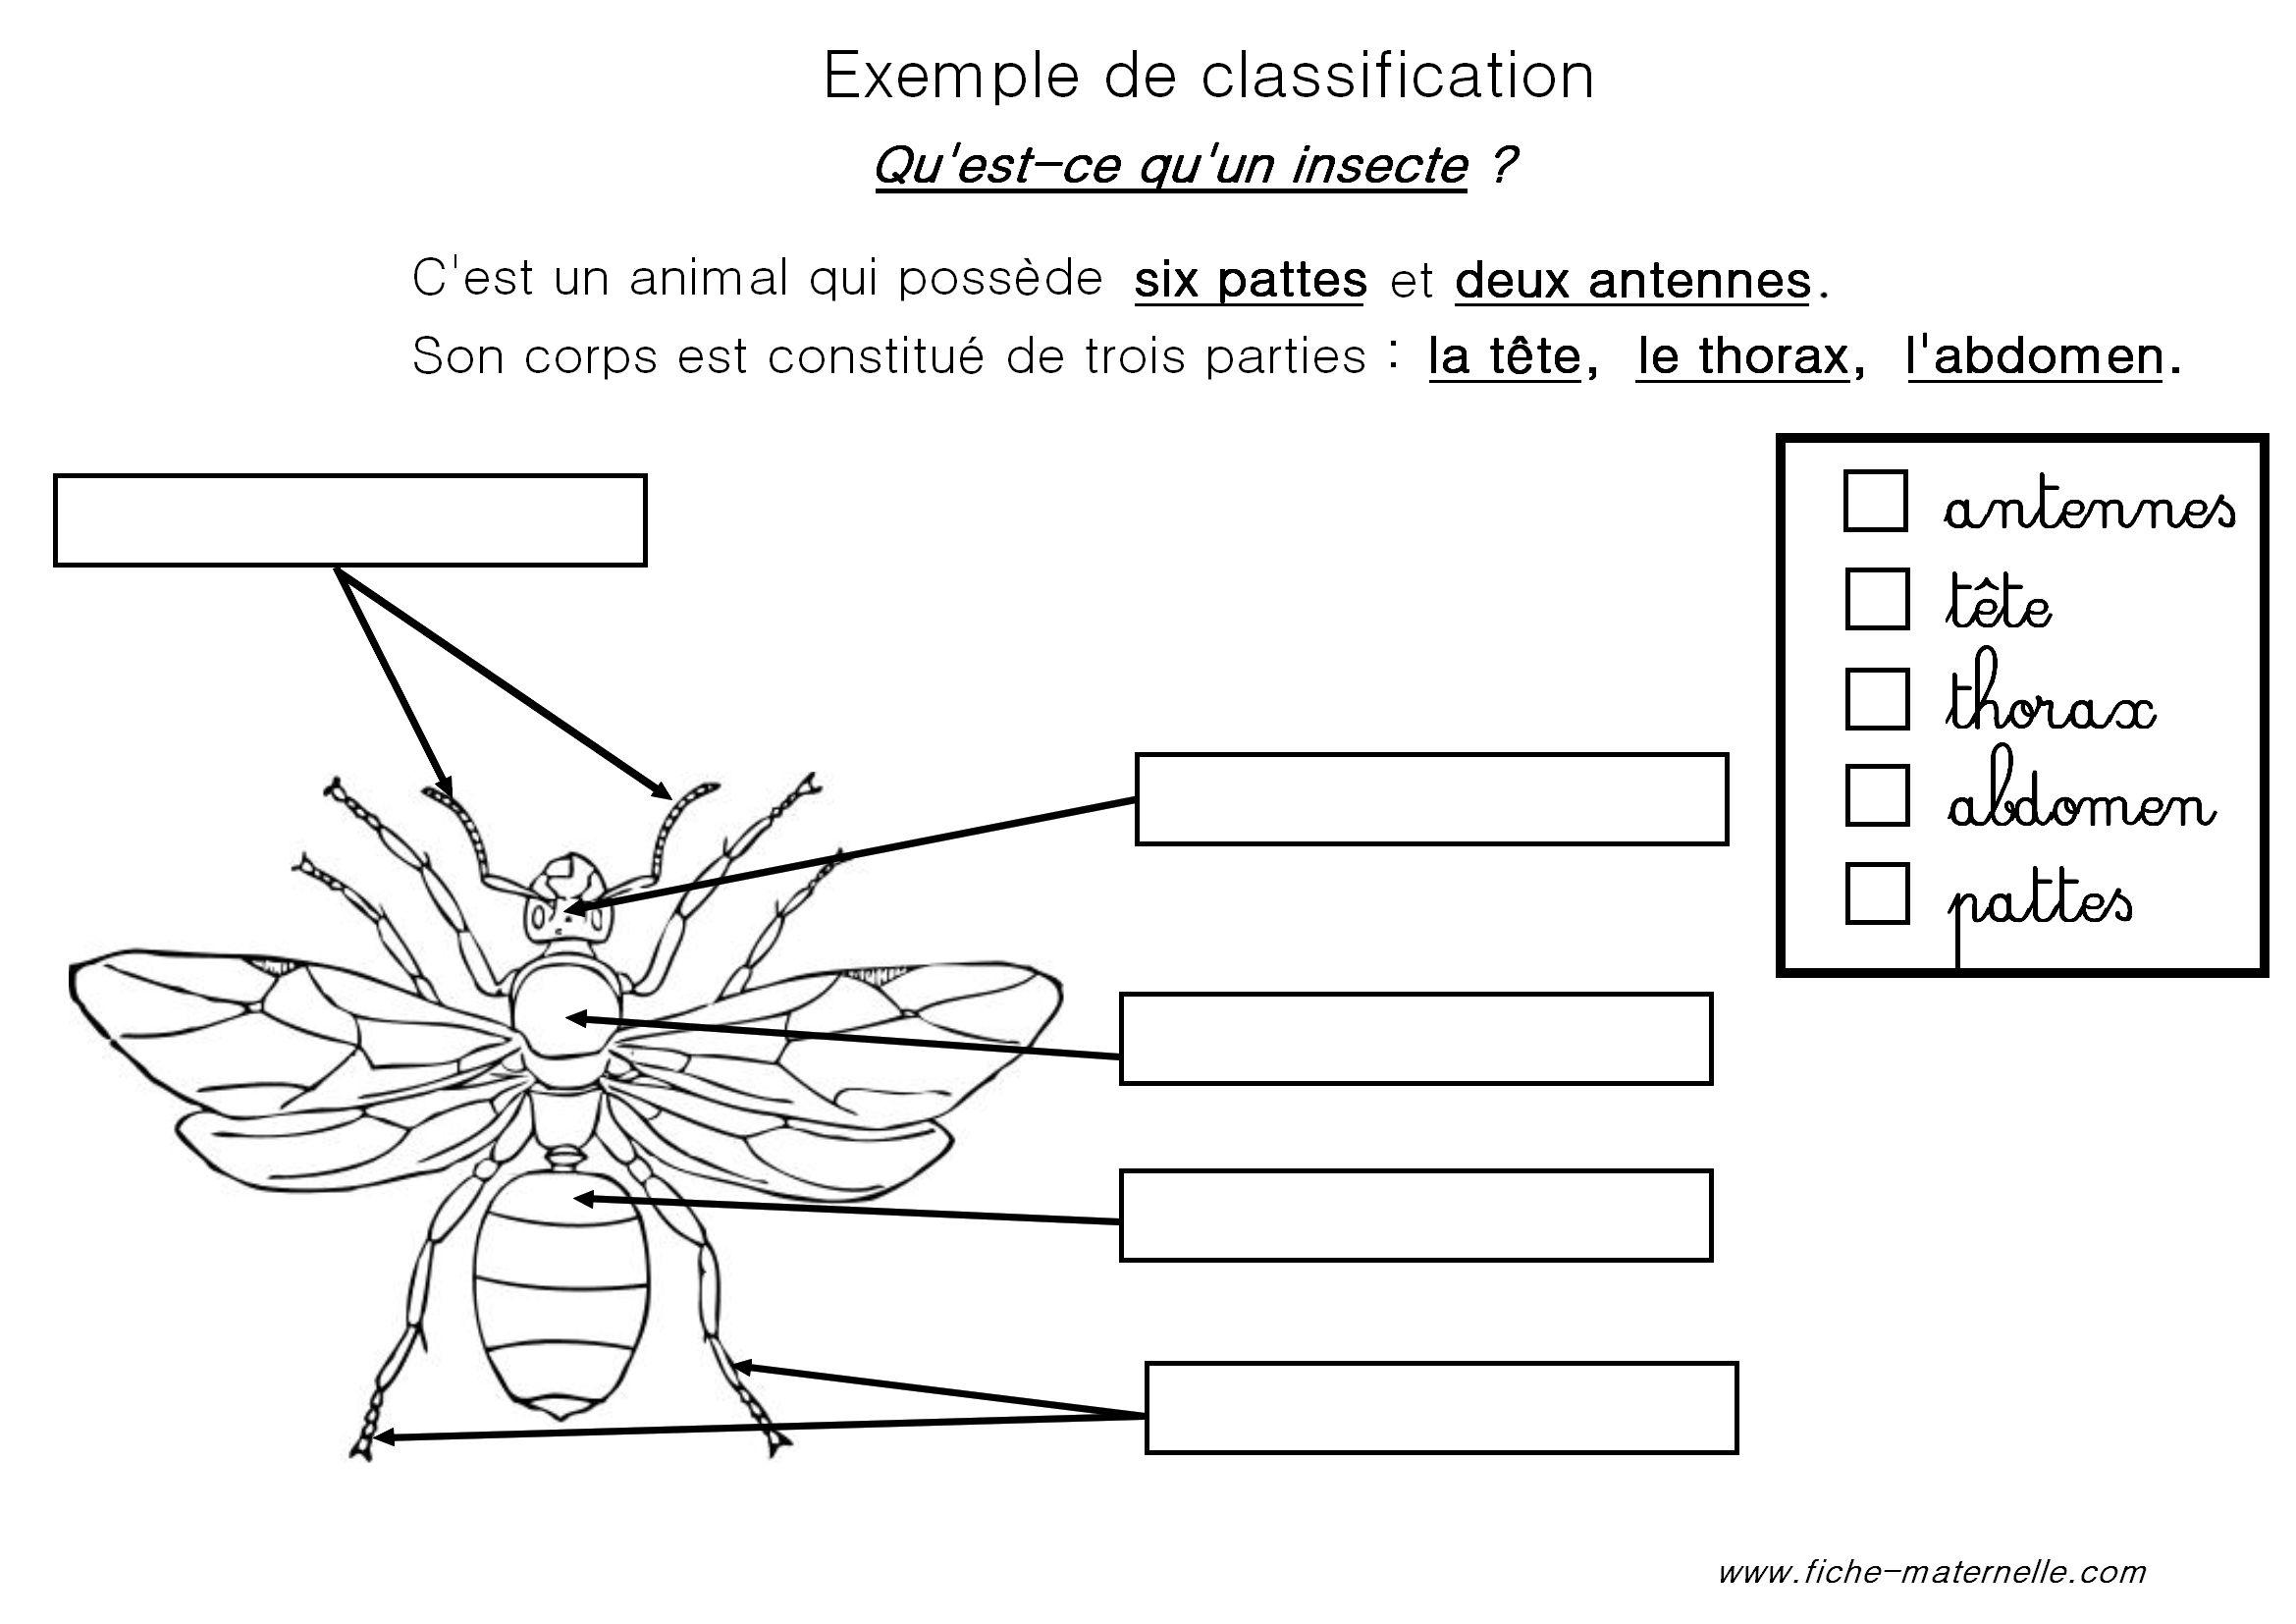 Classification des animaux en maternelle et cp french activities pinterest classification - Reconnaitre les insectes xylophages ...